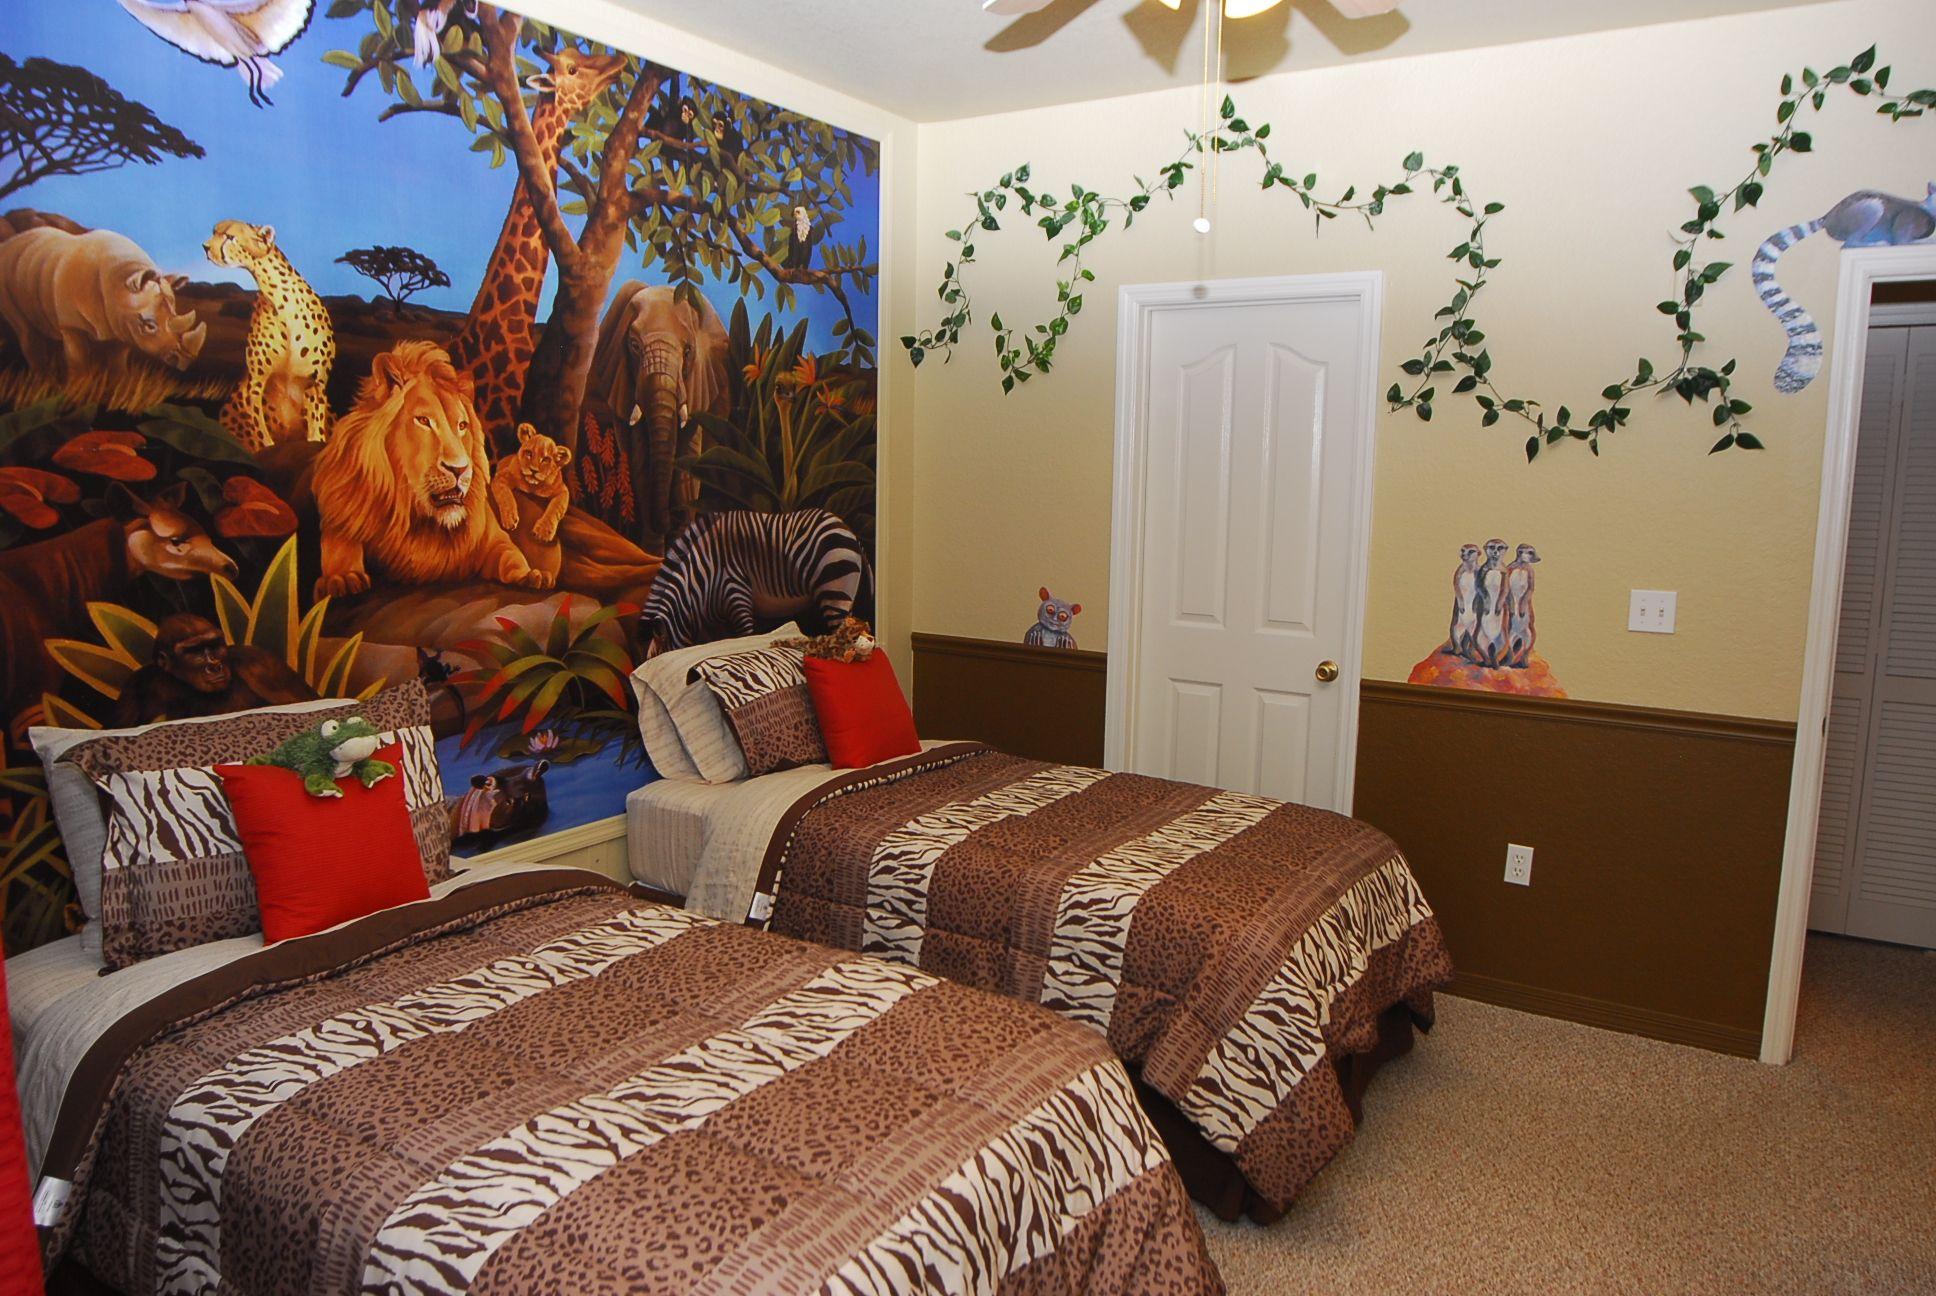 Safari Bedroom Decorating 17 Migliori Immagini Su Jungle Themed Room Ideas Su Pinterest